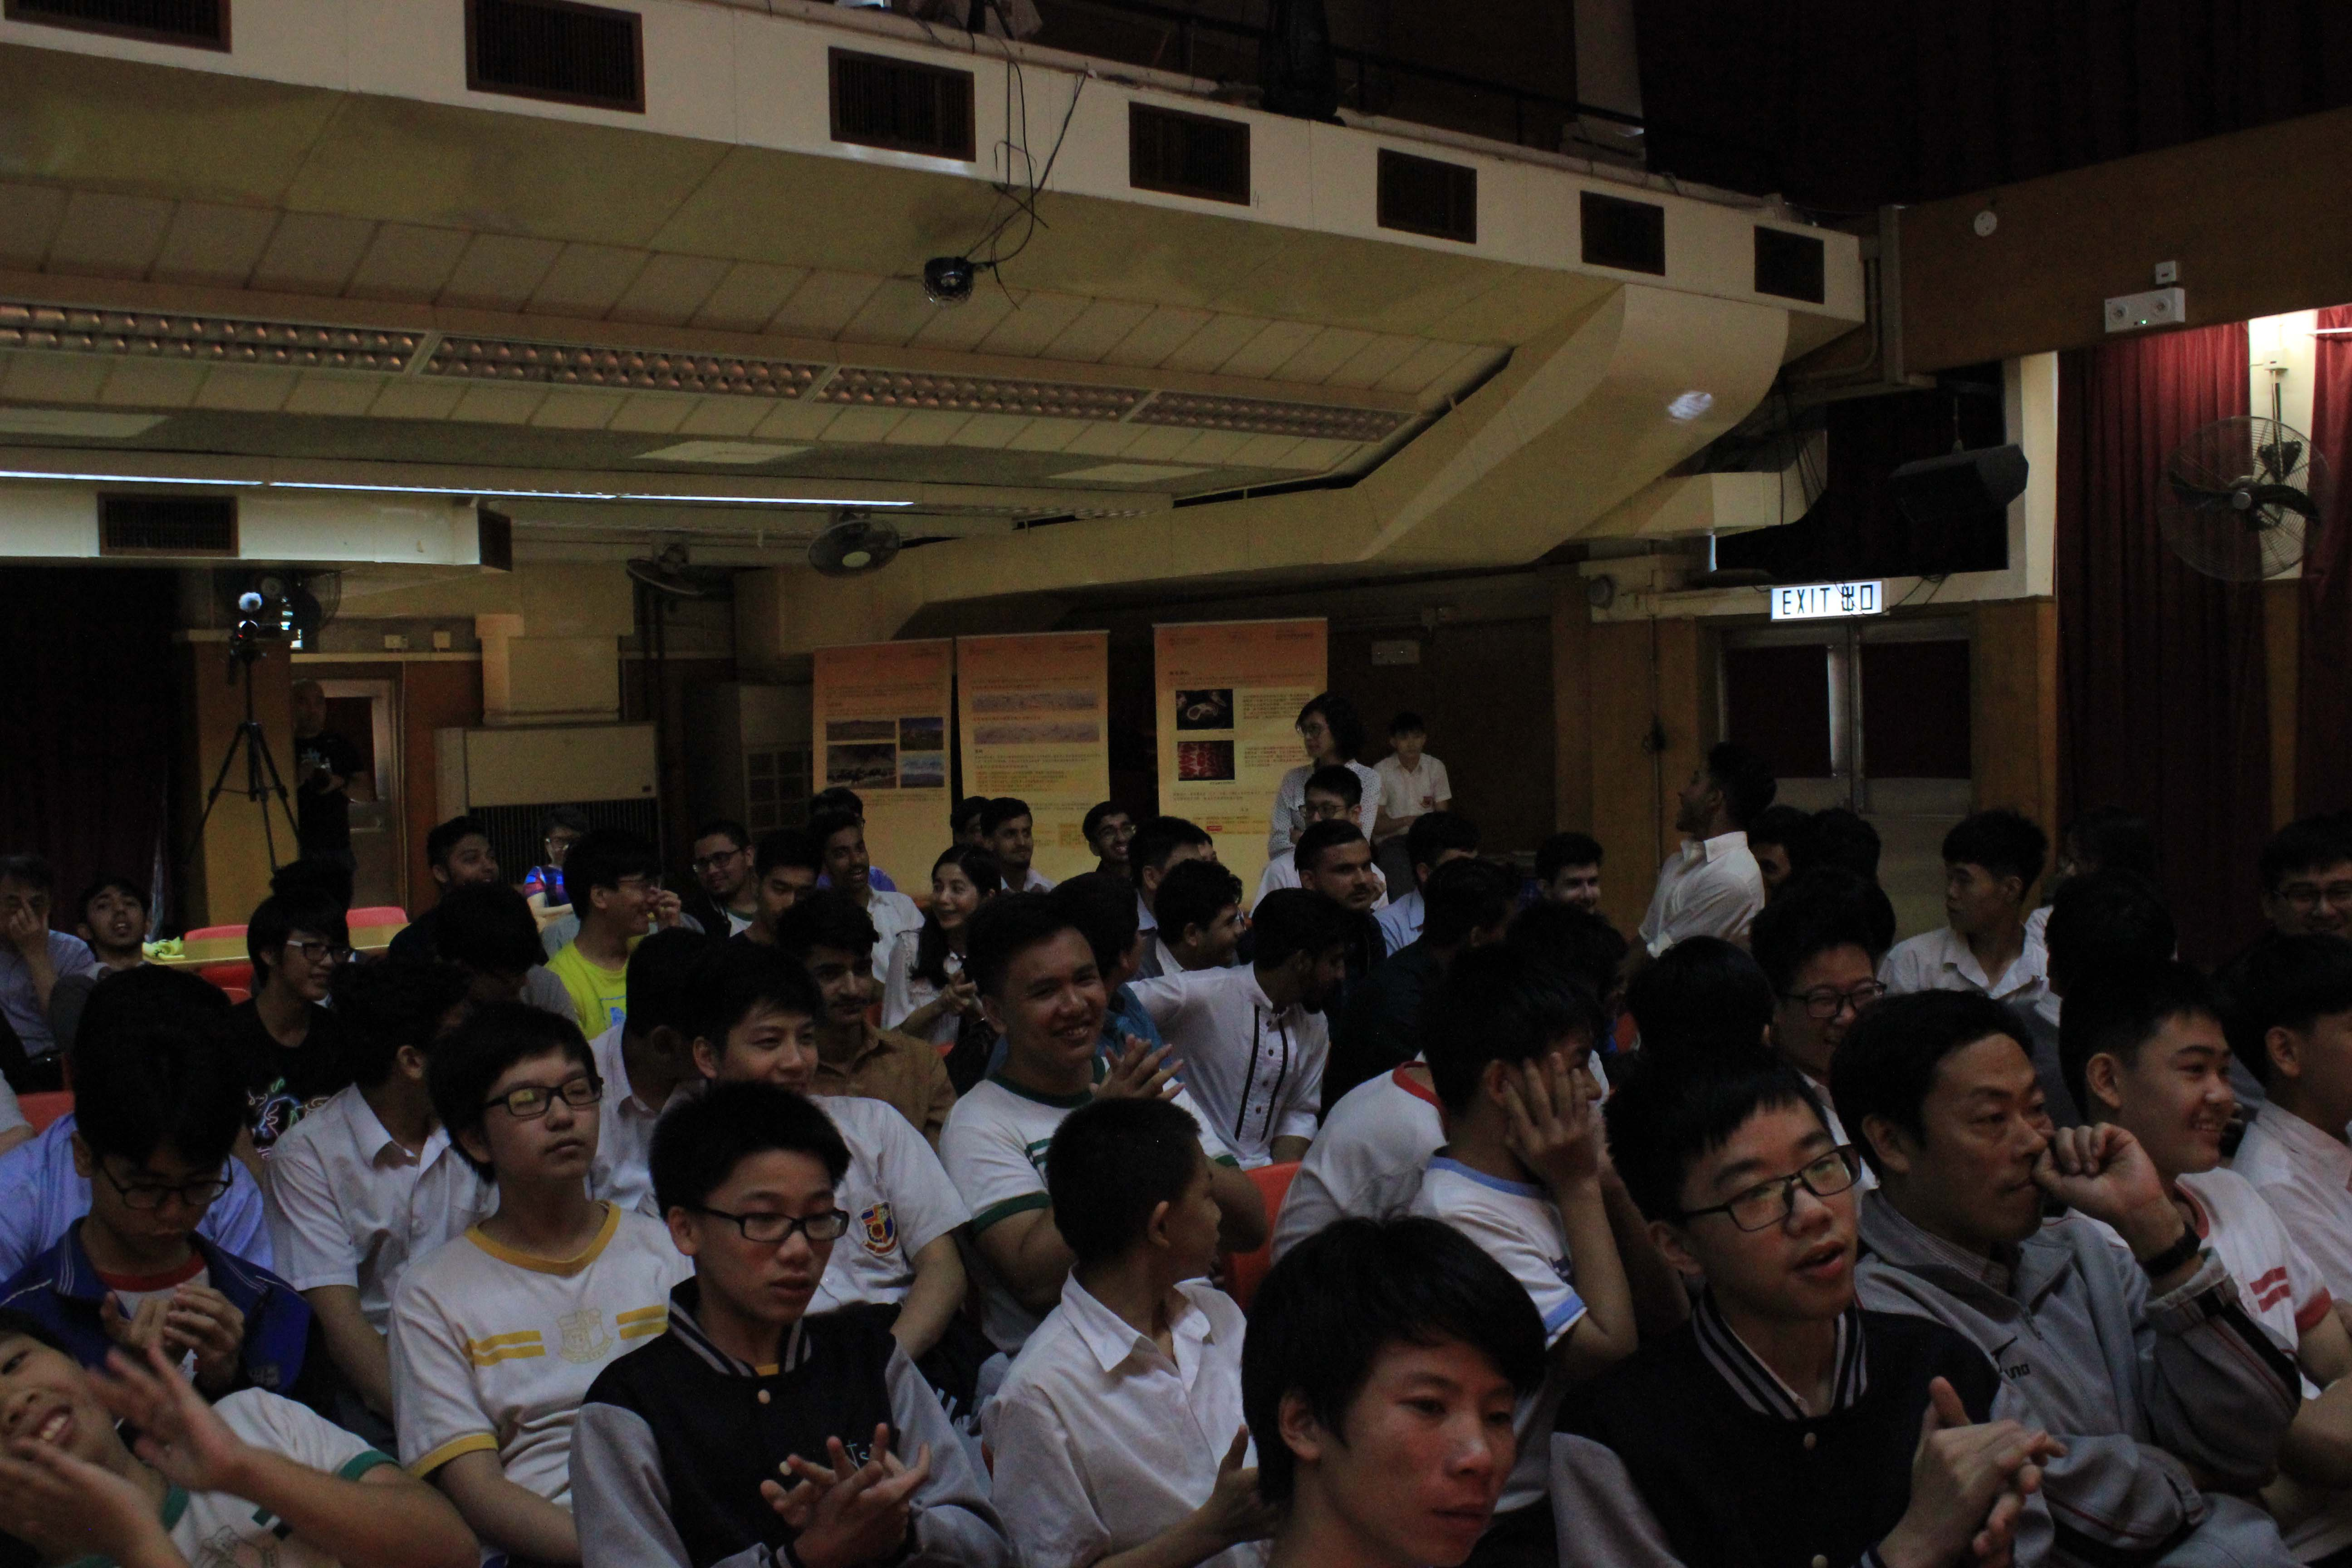 天主教慈幼會伍少梅中學的「中巴經濟走廊」高峰會活動相片9